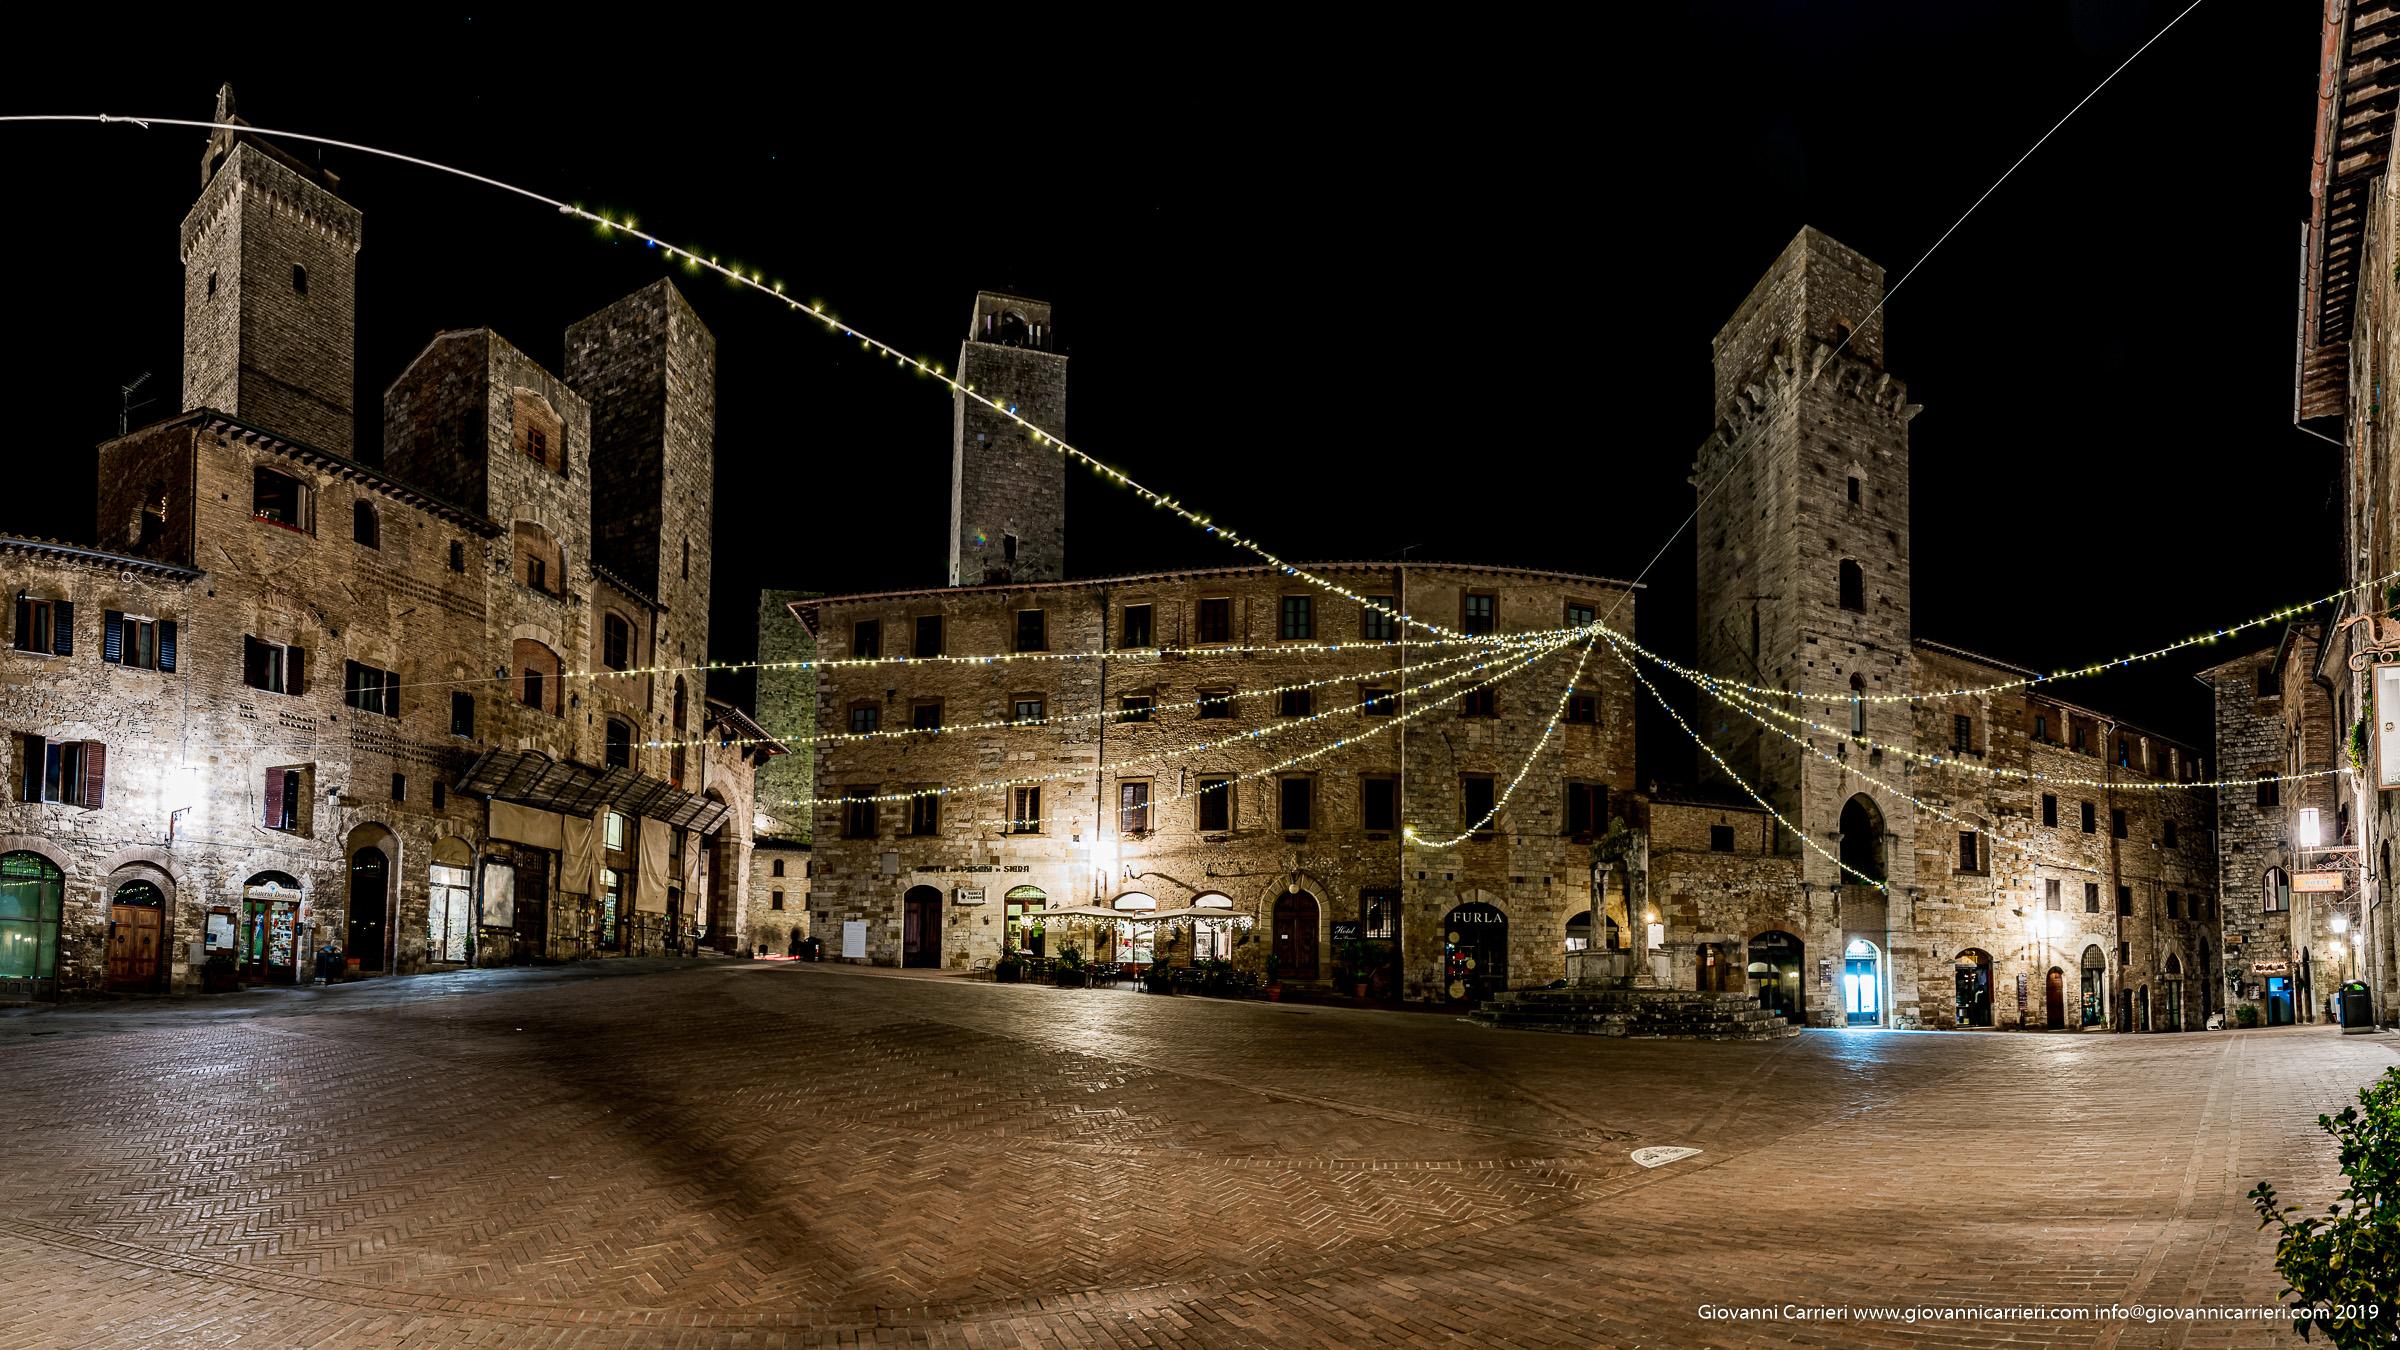 Il centro cittadino di San Gimignano, piazza della Cisterna